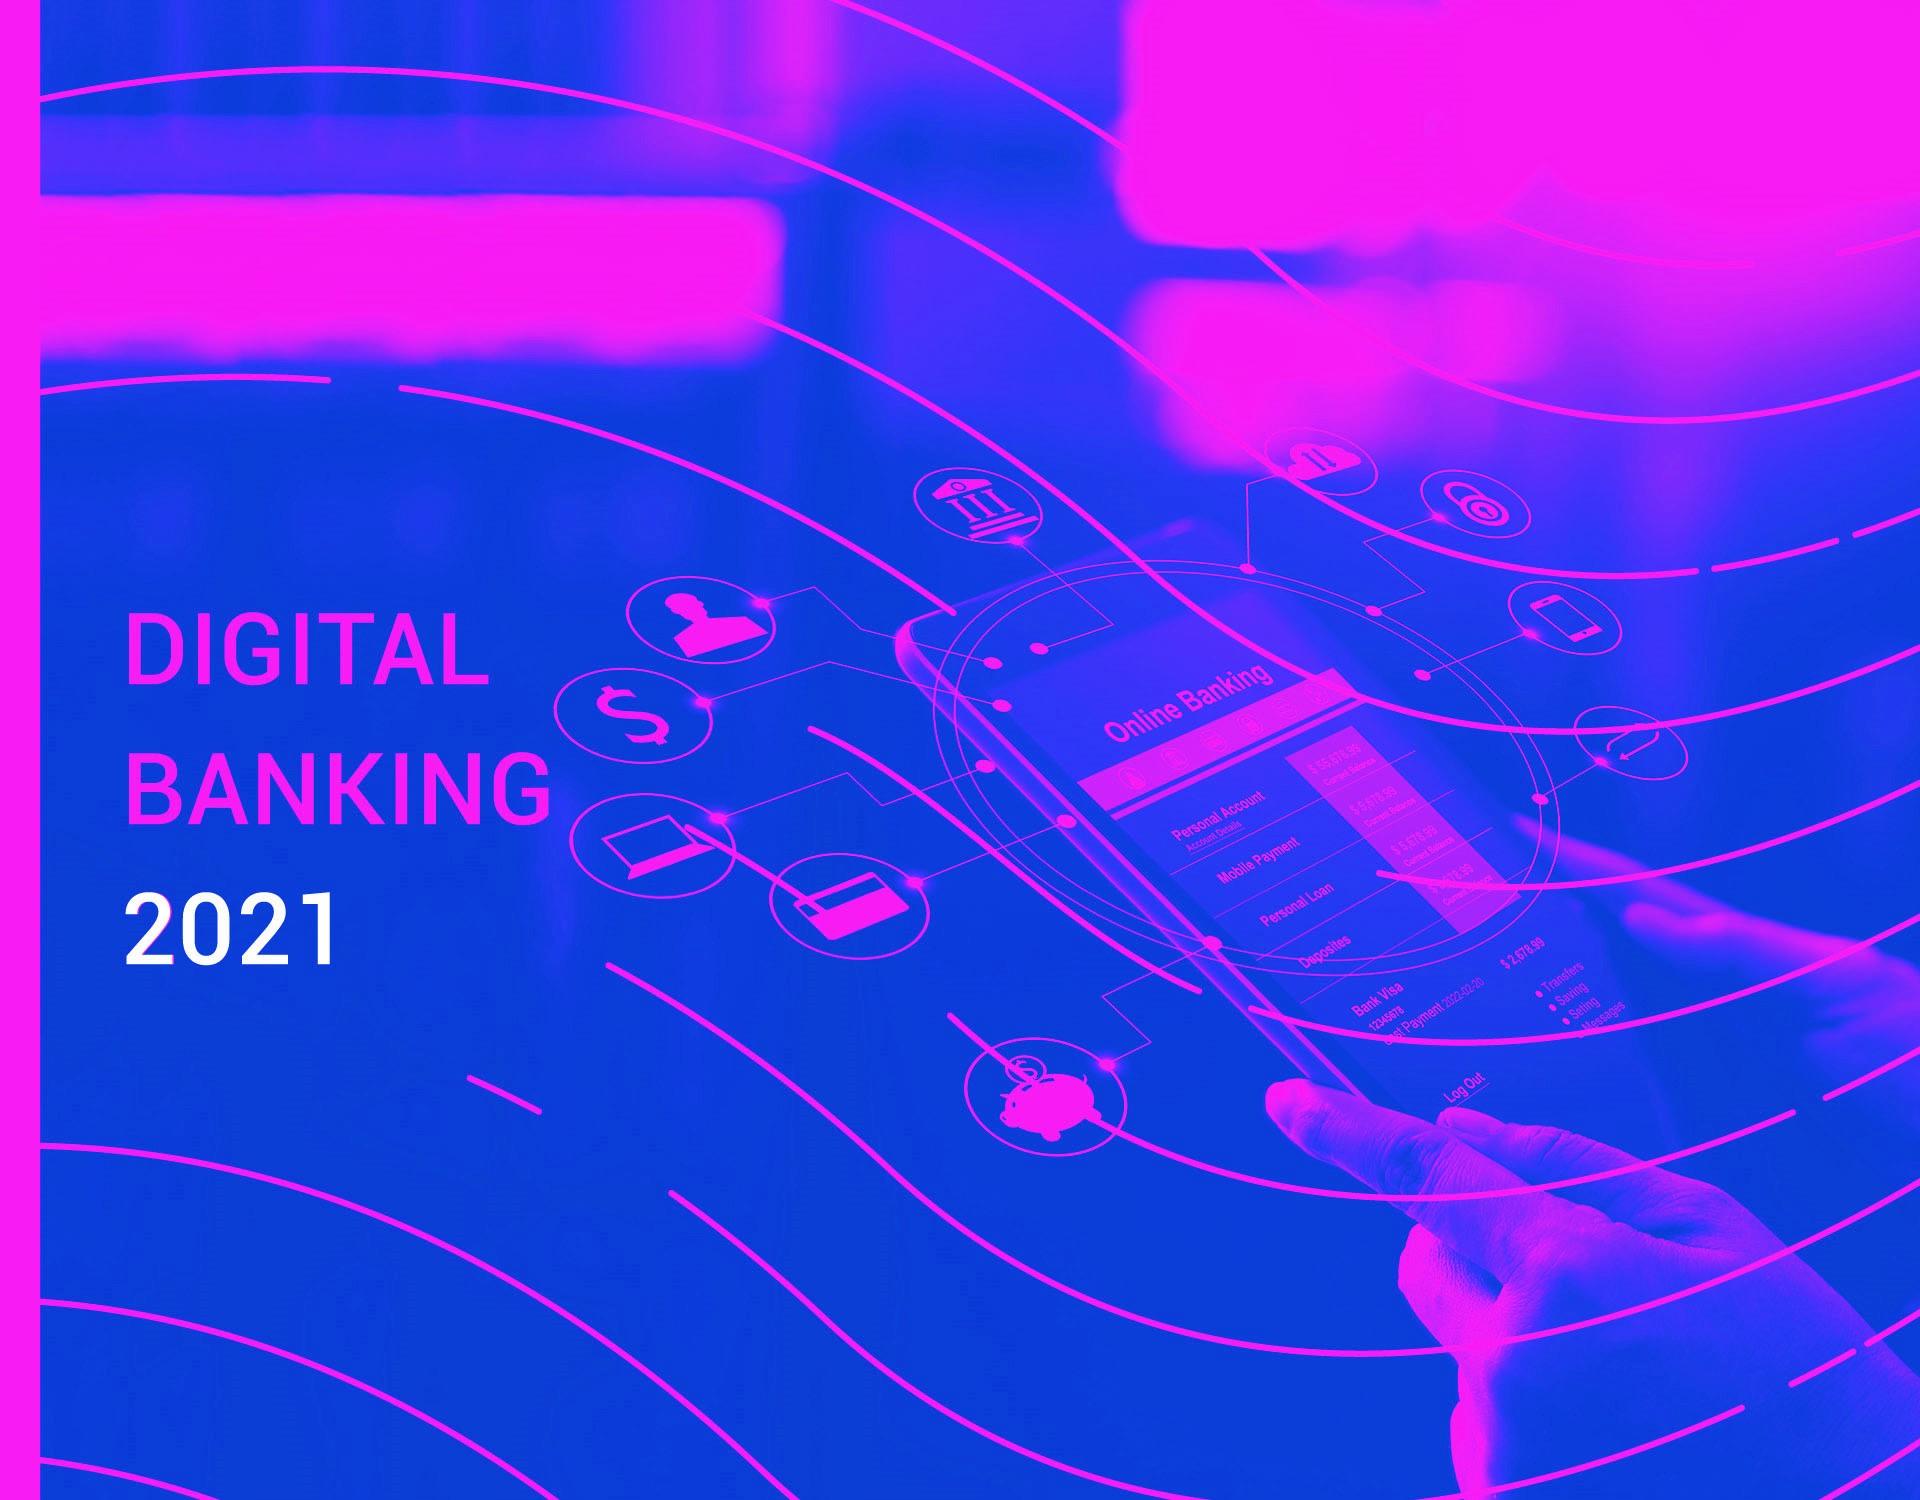 Rapporto Digital Banking 2021 - Digital Banking: un centro di gravità resiliente!